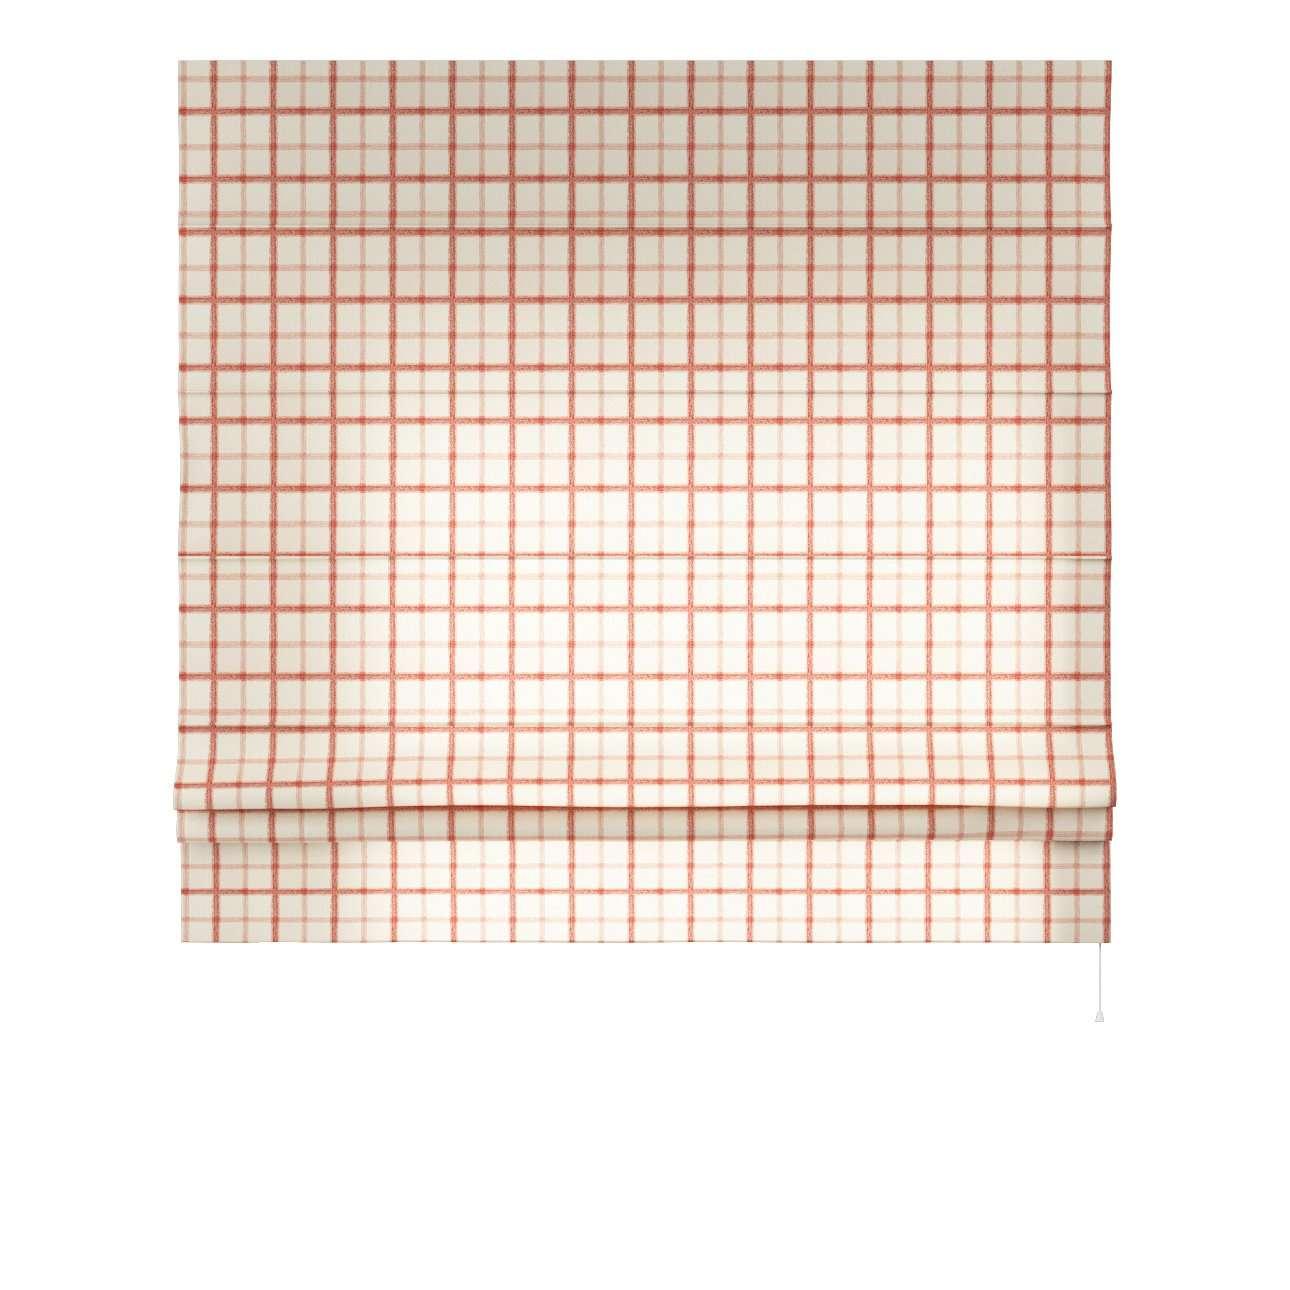 Liftgardin Paris<br/>Med rett volang 80 x 170 cm fra kolleksjonen Avinon, Stoffets bredde: 131-15